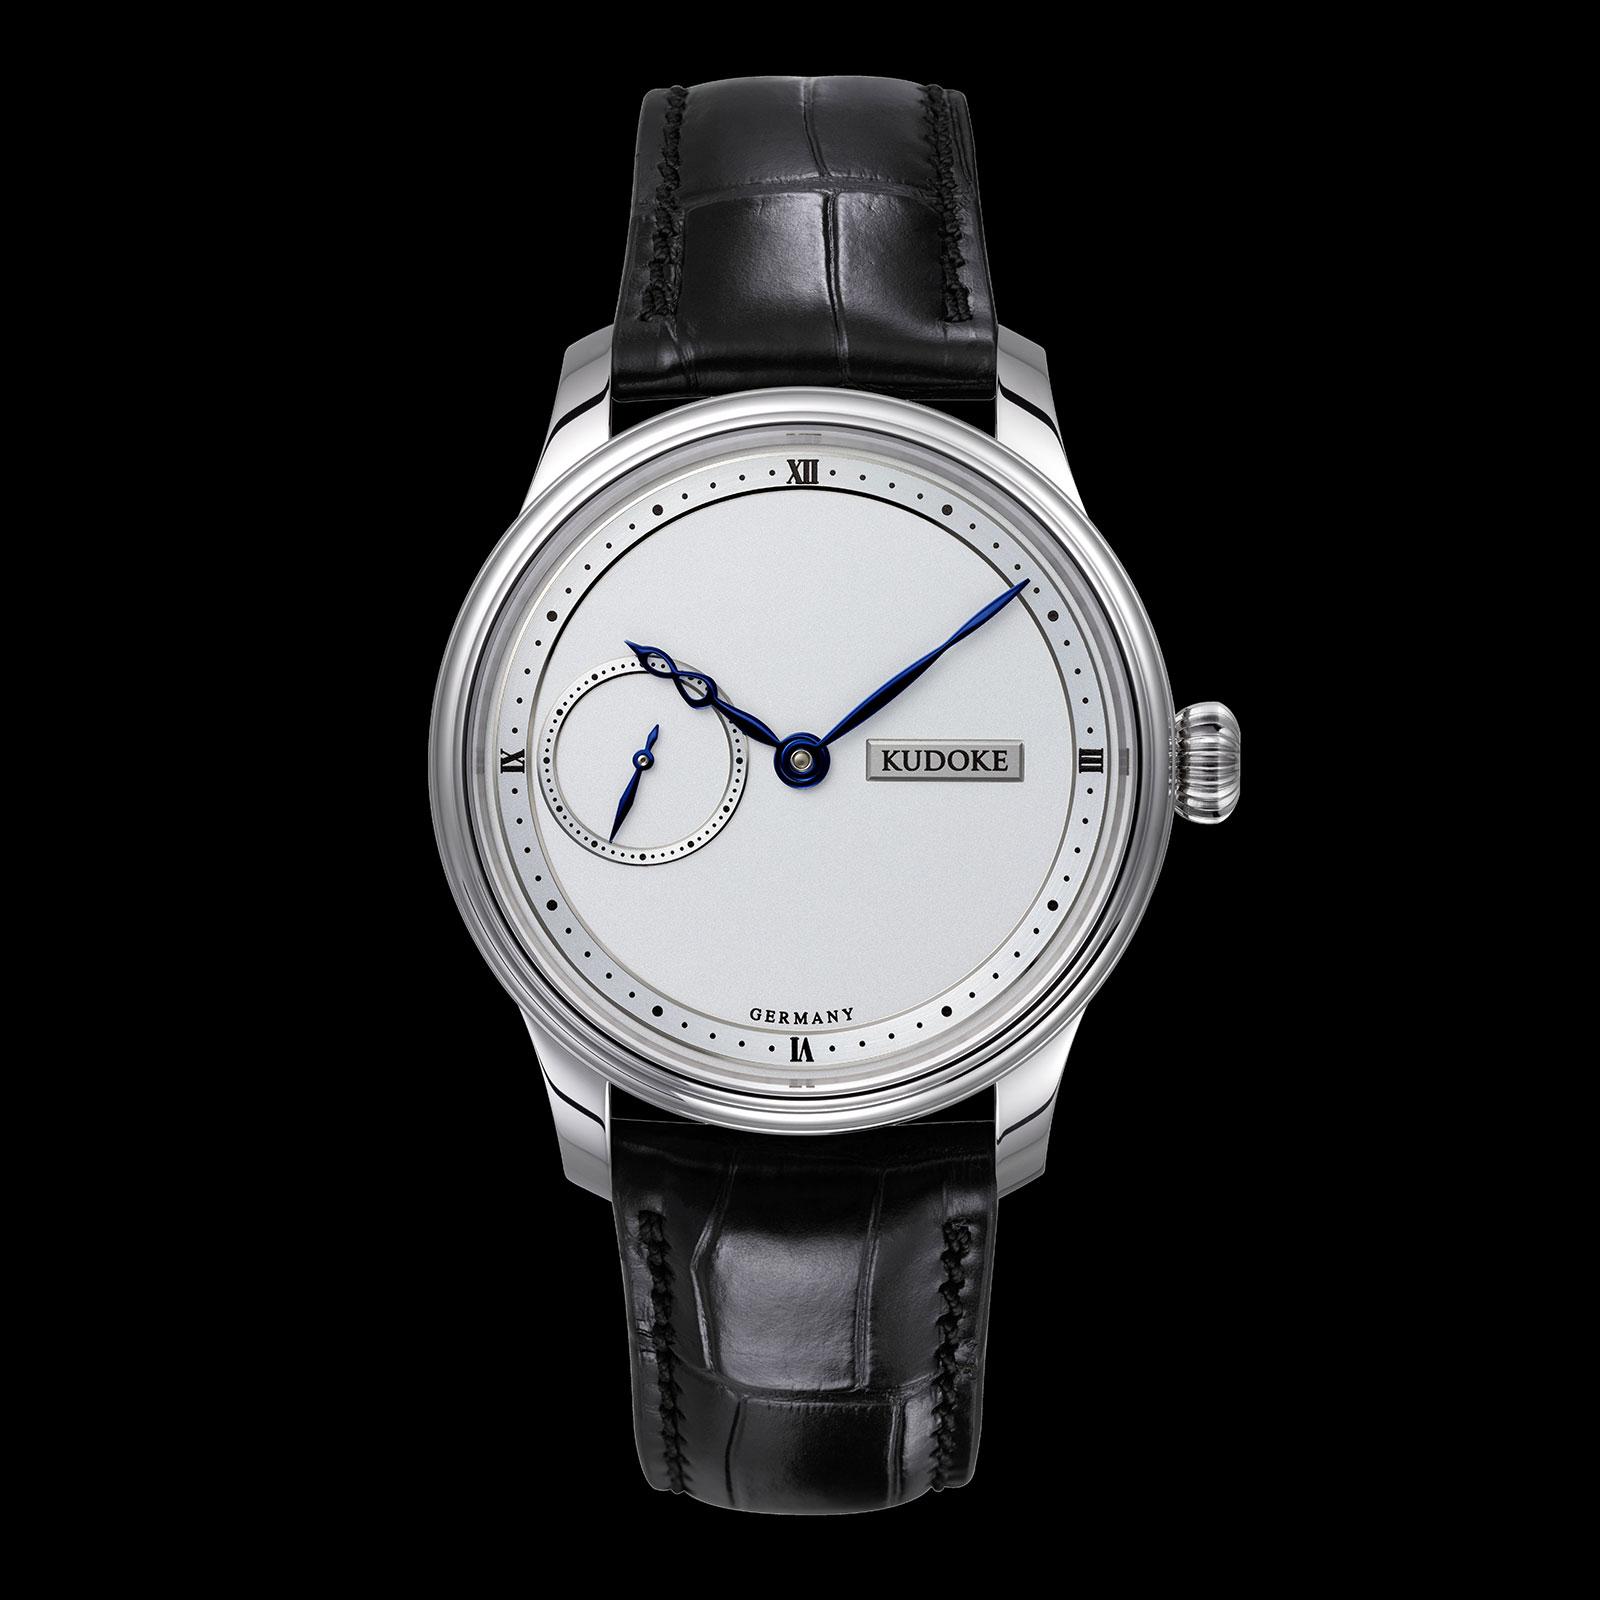 Kudoke 1 watch 1